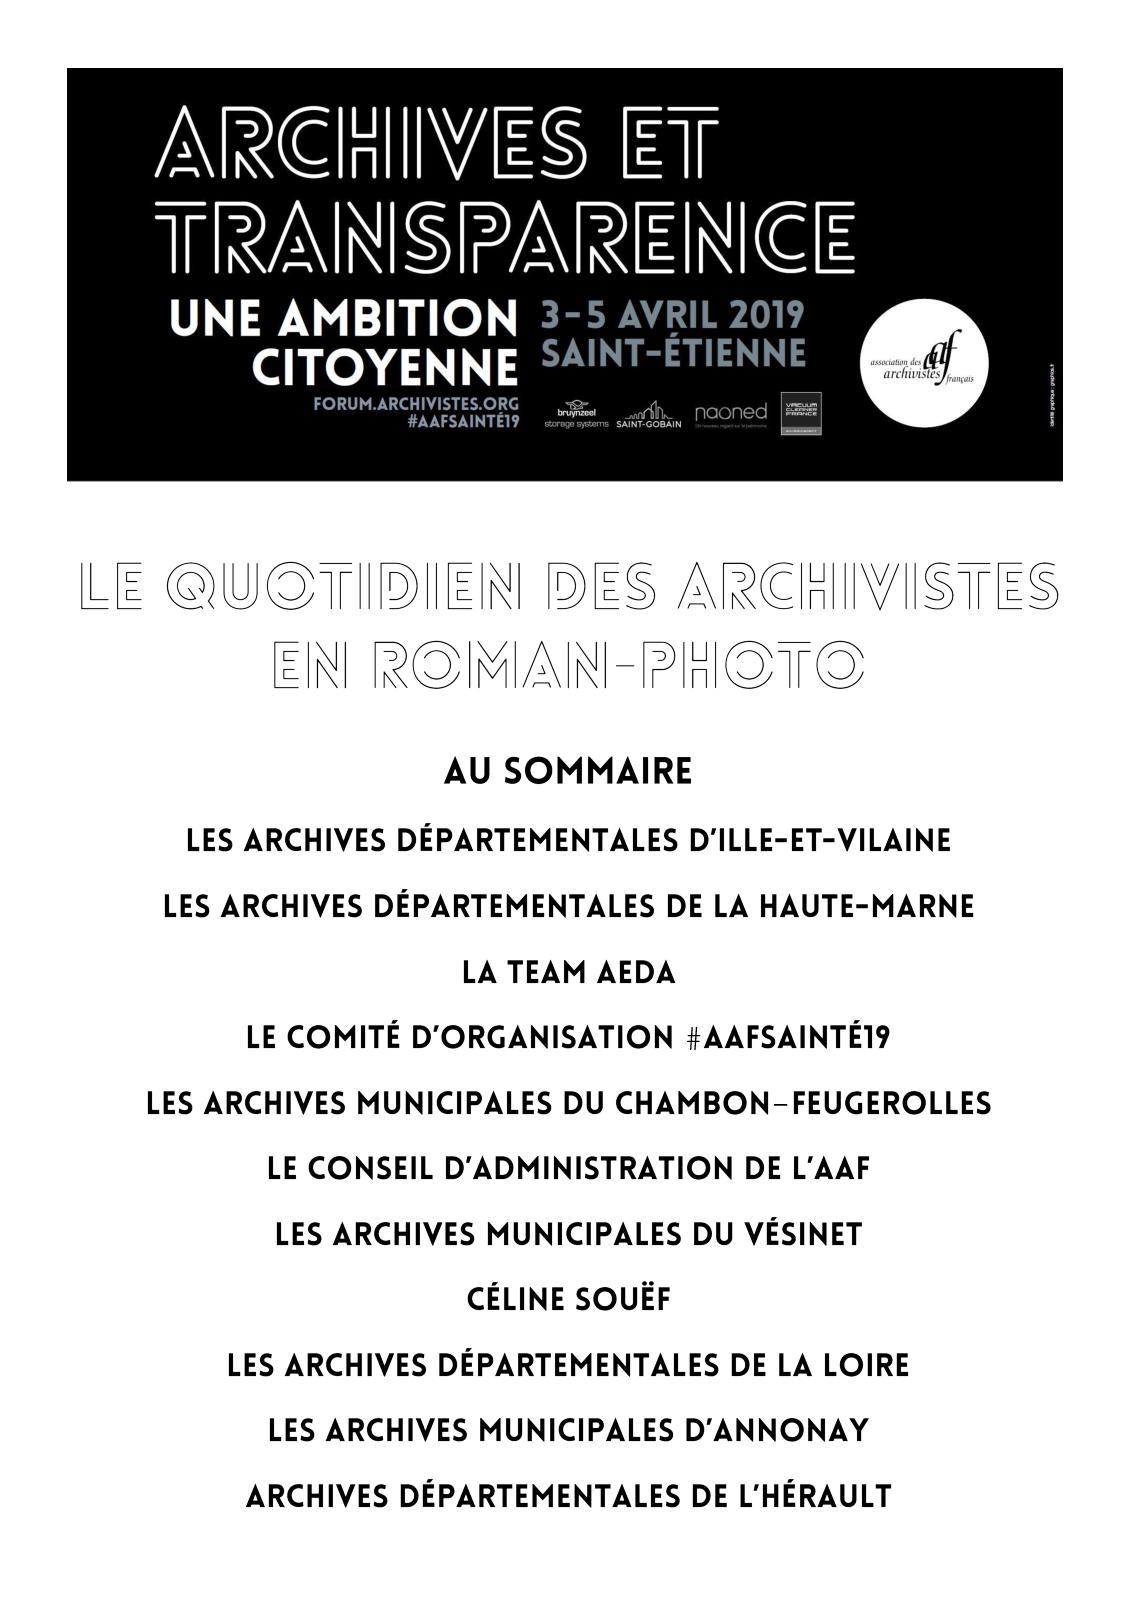 #AAFSaintÉ19 – Le quotidien des archivistes en roman-photo